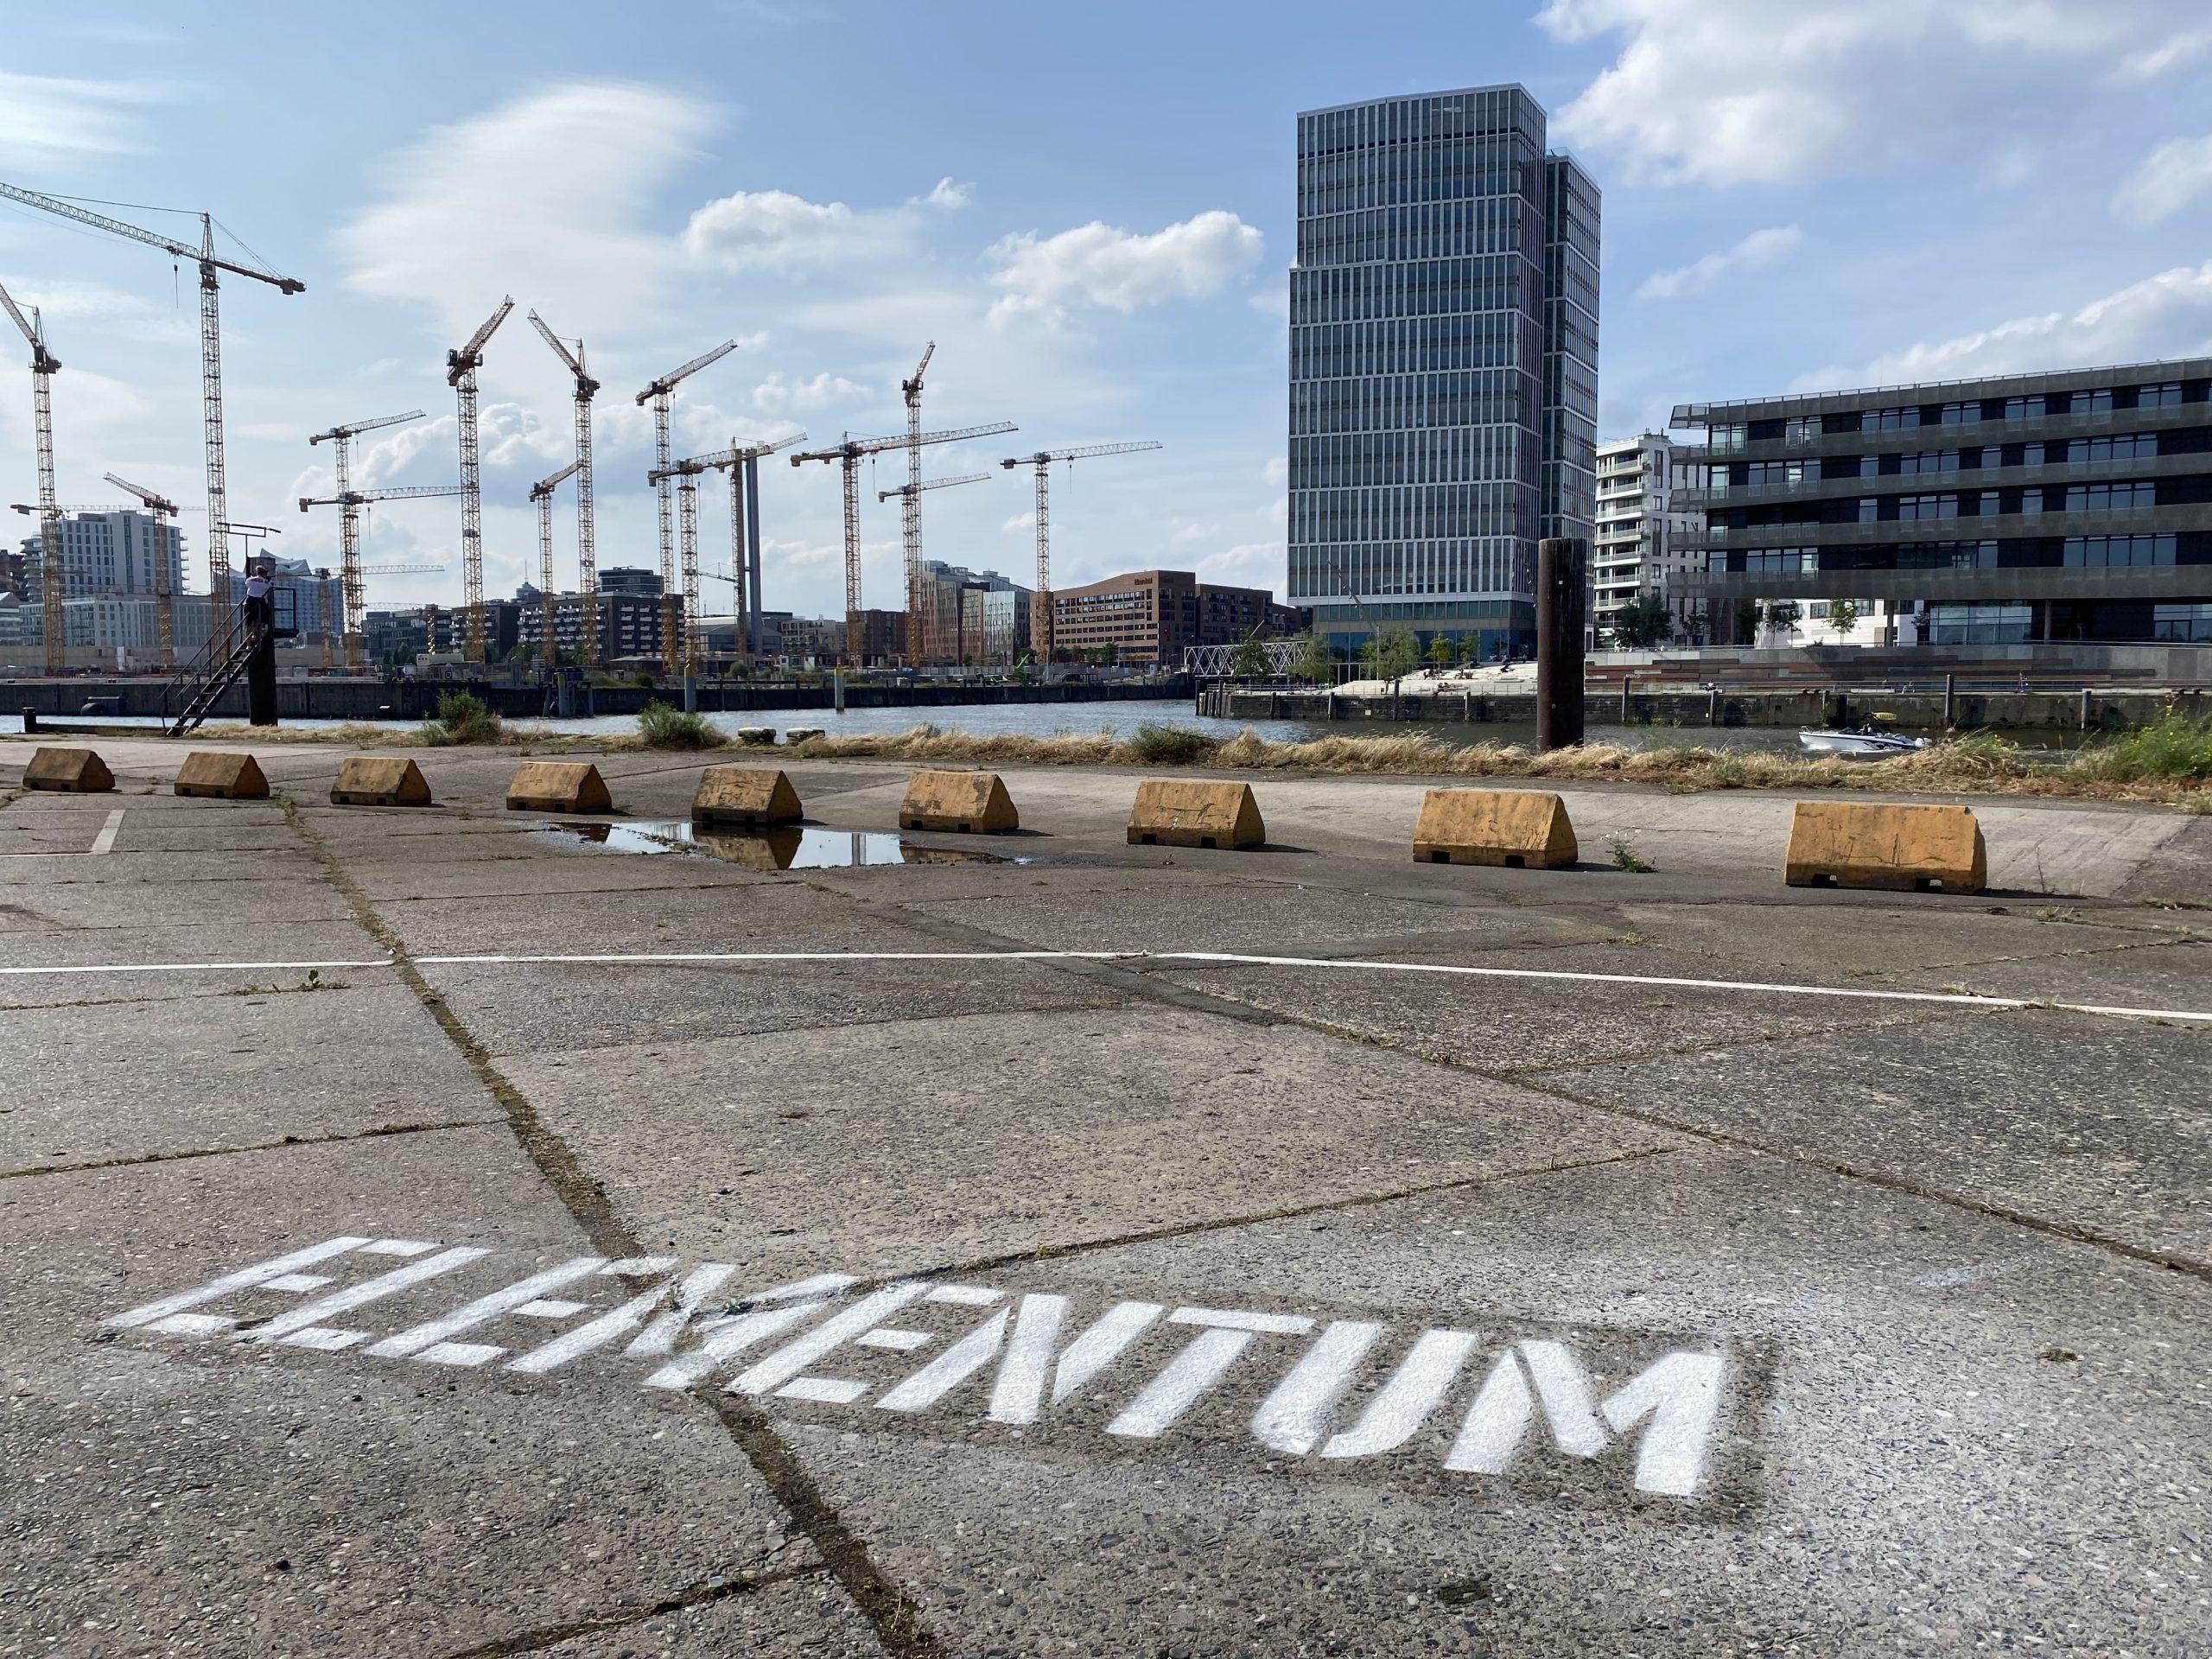 Hamburger Catering-Unternehmen startet die kulinarische Revolte ELEMENTUM: Klima- und umweltfreundliches Catering ohne Strom – Kick-off Event am 8. September 2021